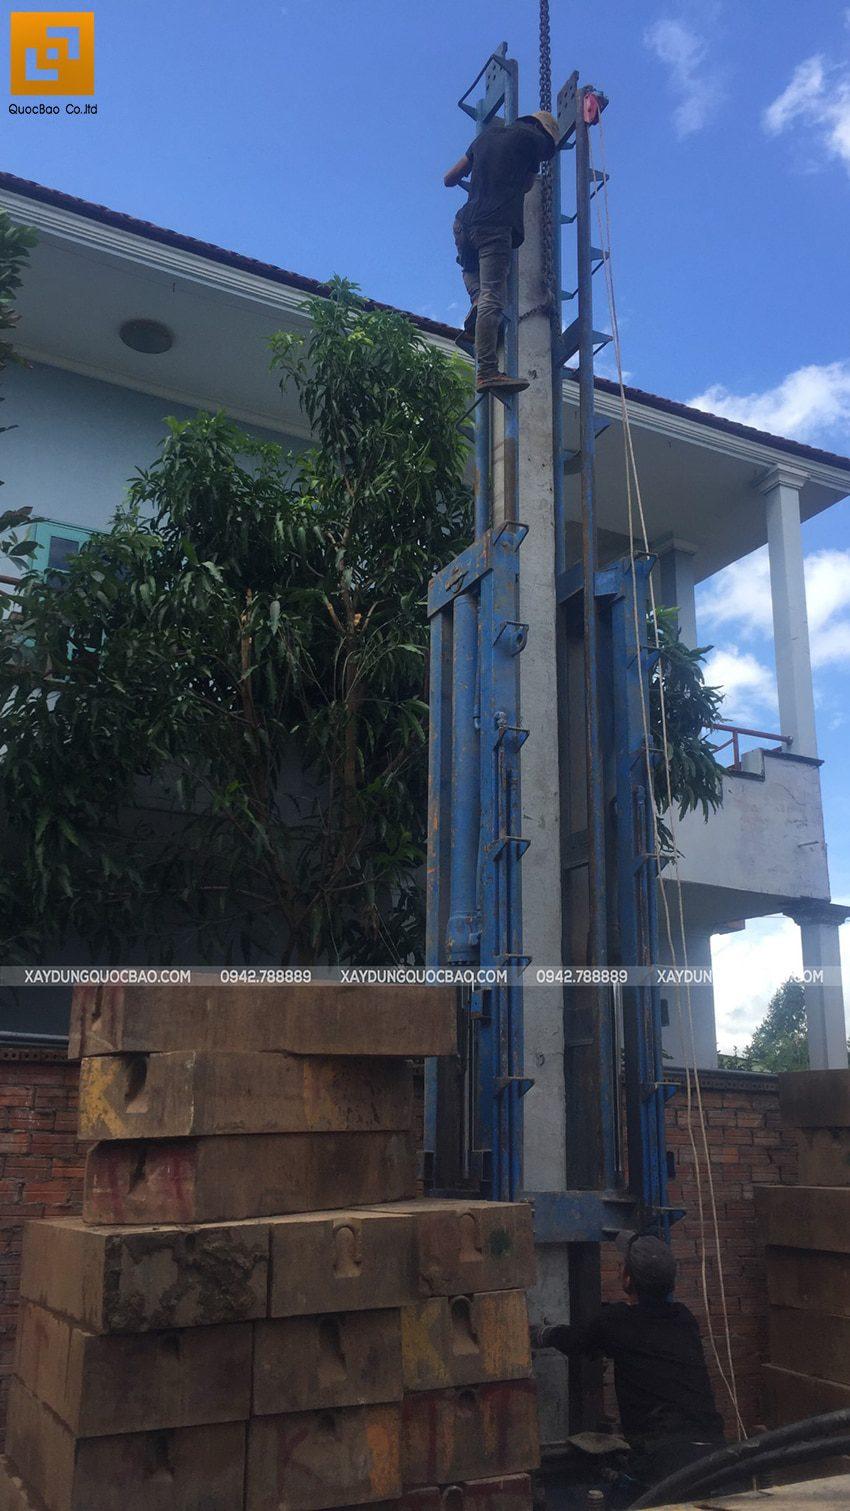 Thi công phần móng biệt thự 3 tầng tại Thủ Dầu Một - Ảnh 3